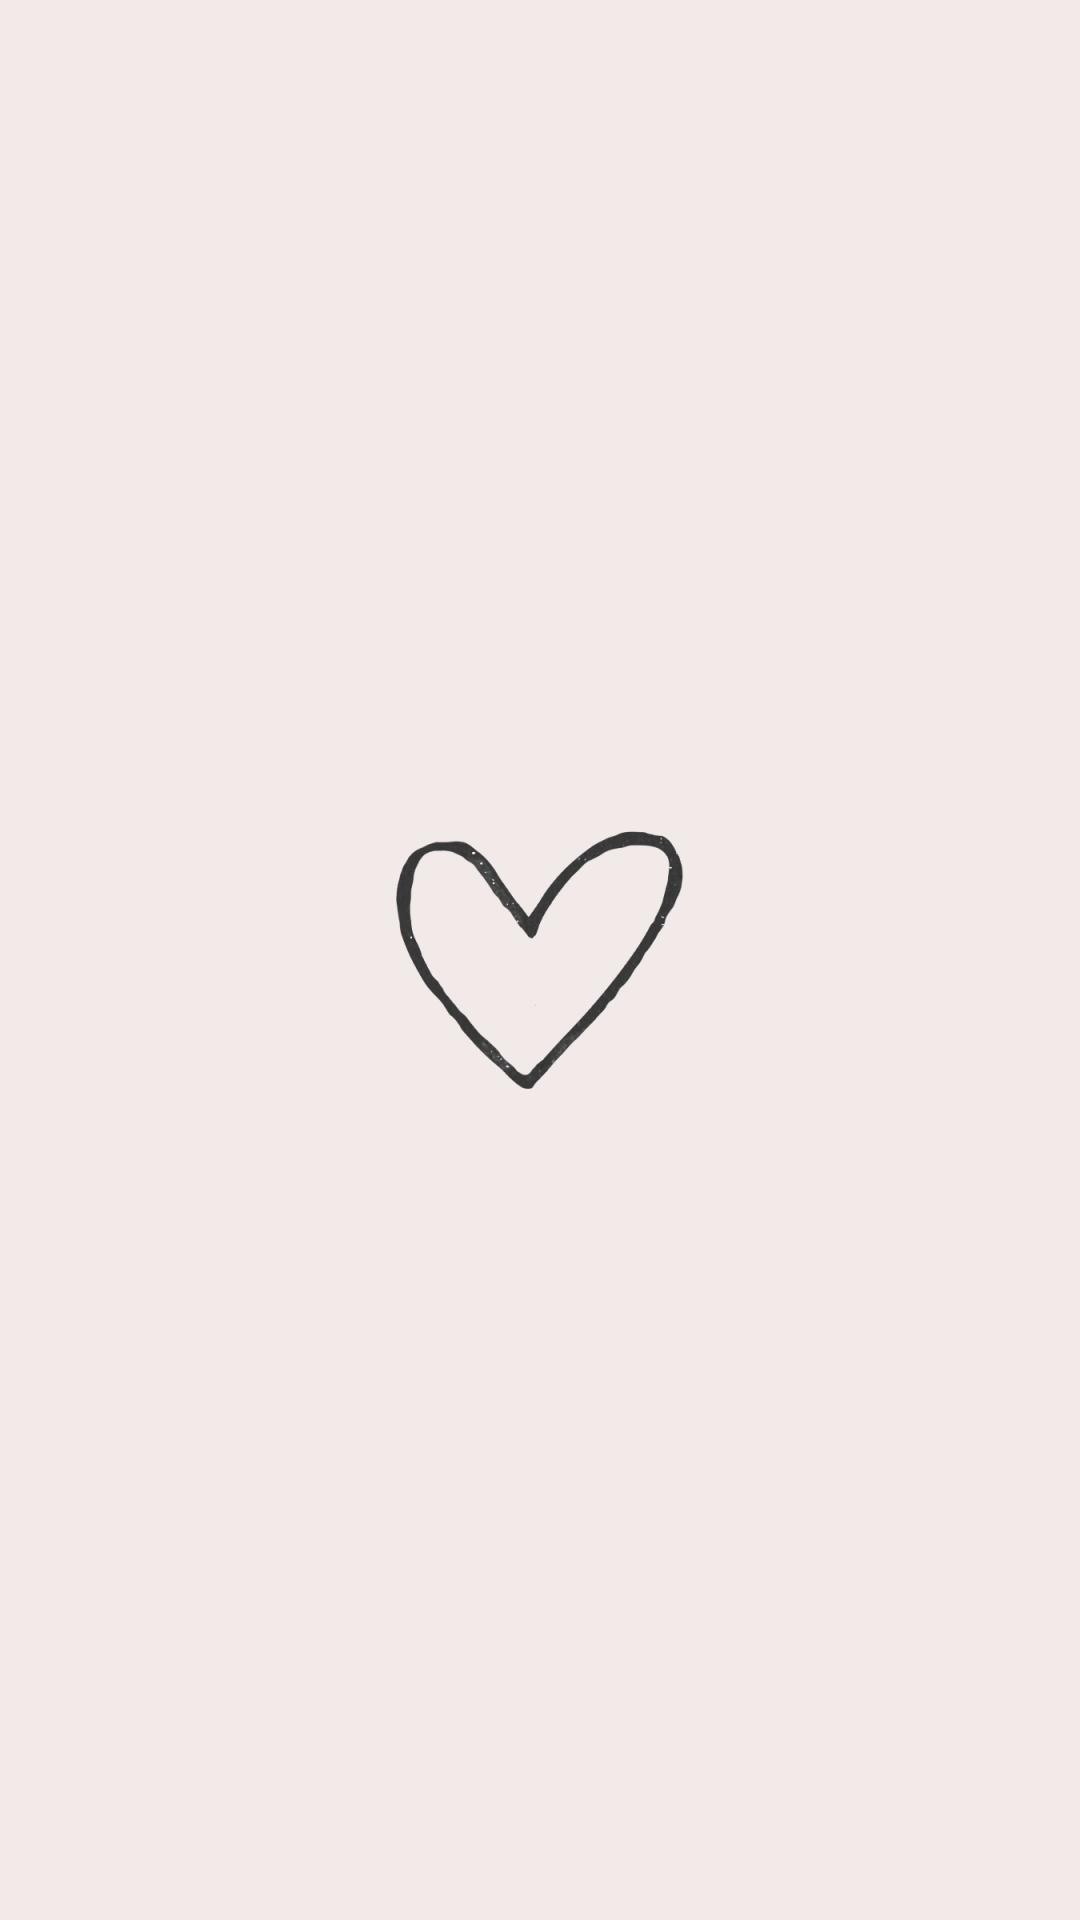 White Background Instagram Stories